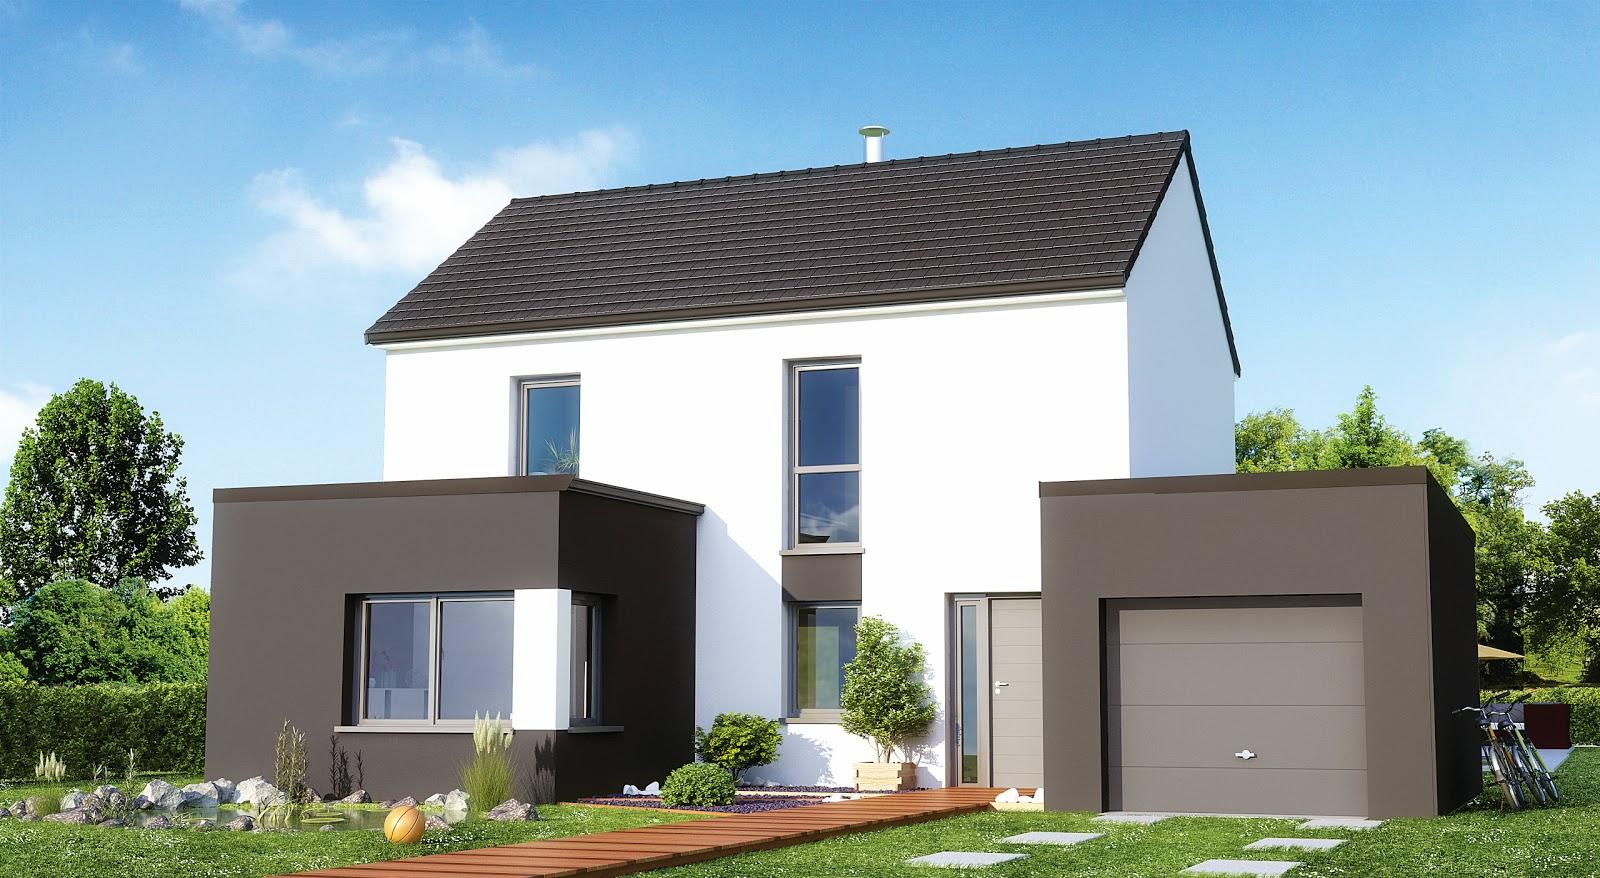 Maison familiale lille blog maison familiale - Prix d une maison de 120m2 ...